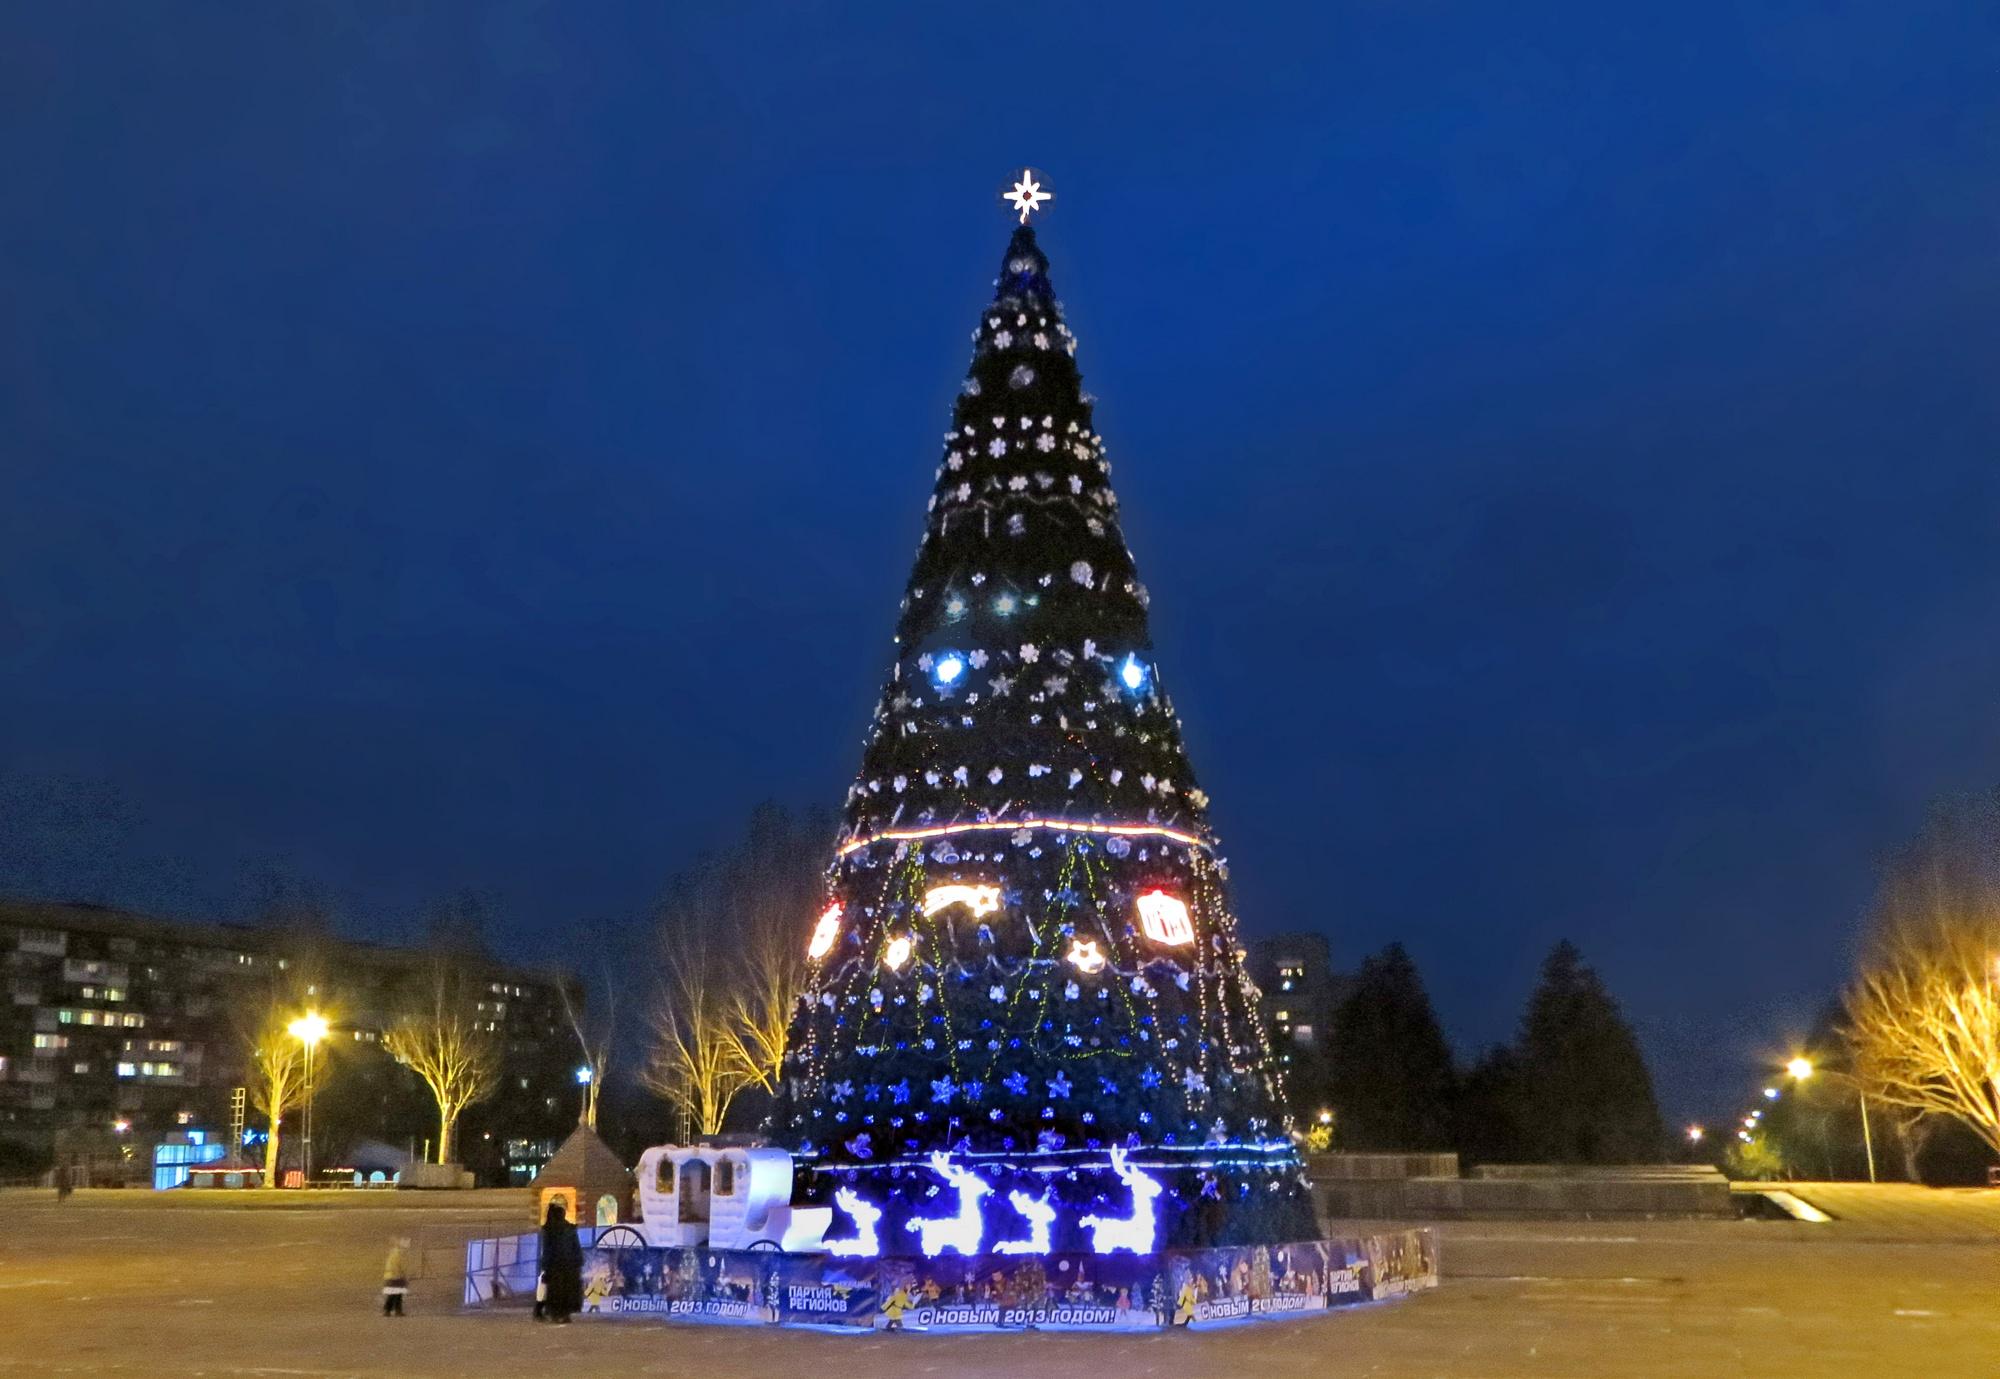 На подготовку к новогодним праздникам в Запорожье потратят 600 тысяч гривен